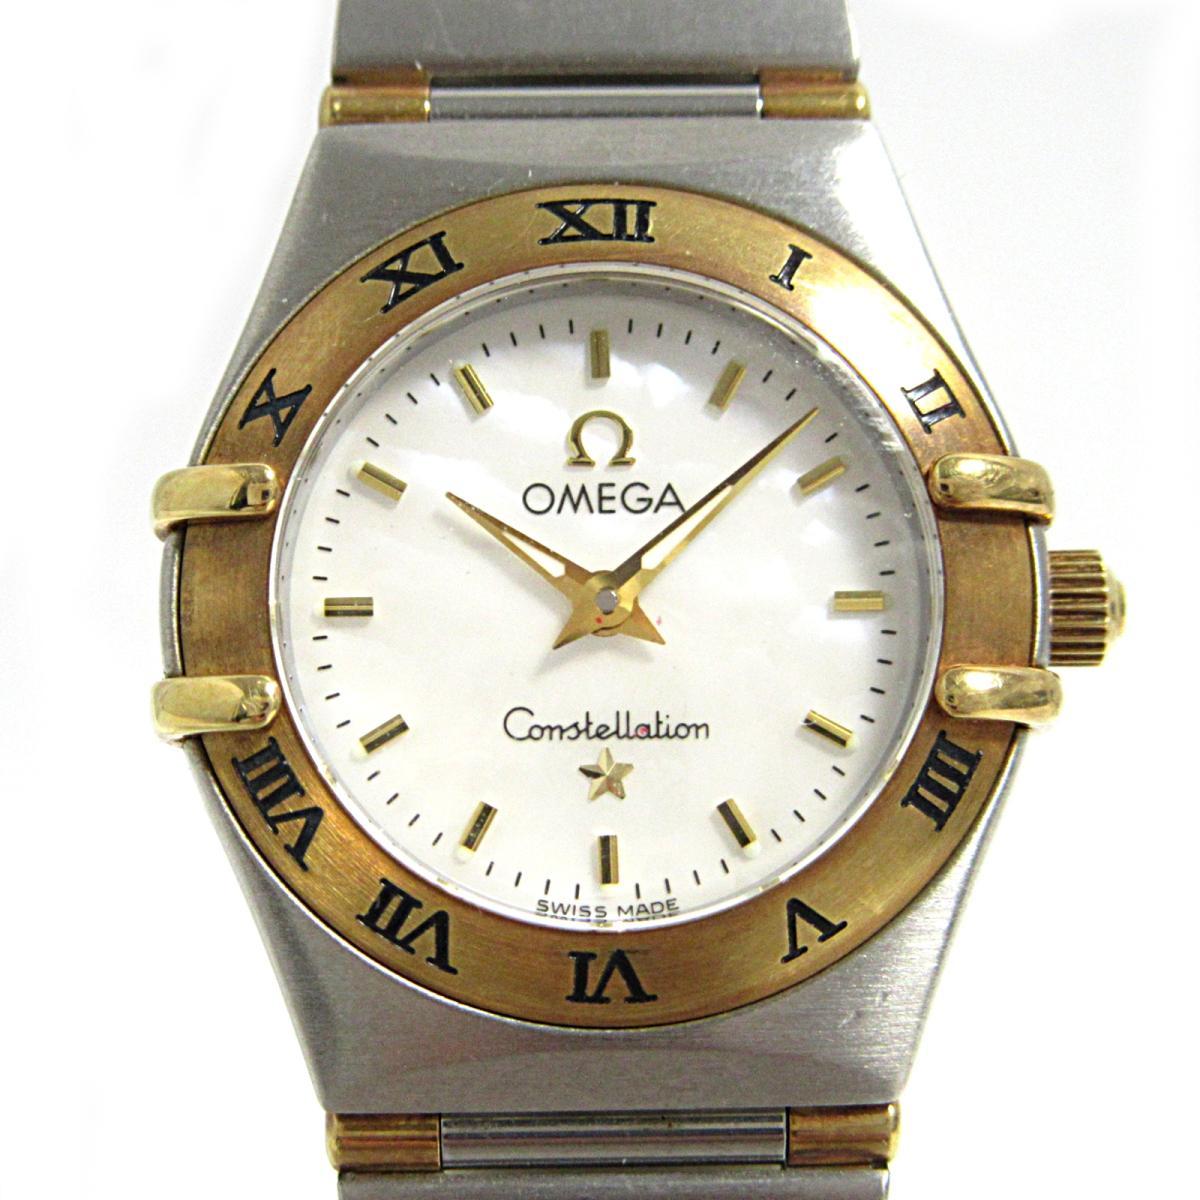 【中古】 オメガ コンステレーション・ミニ 腕時計 ウォッチ レディース ステンレススチール (SS) K18YG (750)イエローゴールド (1362.70) | OMEGA BRANDOFF ブランドオフ ブランド ブランド時計 ブランド腕時計 時計